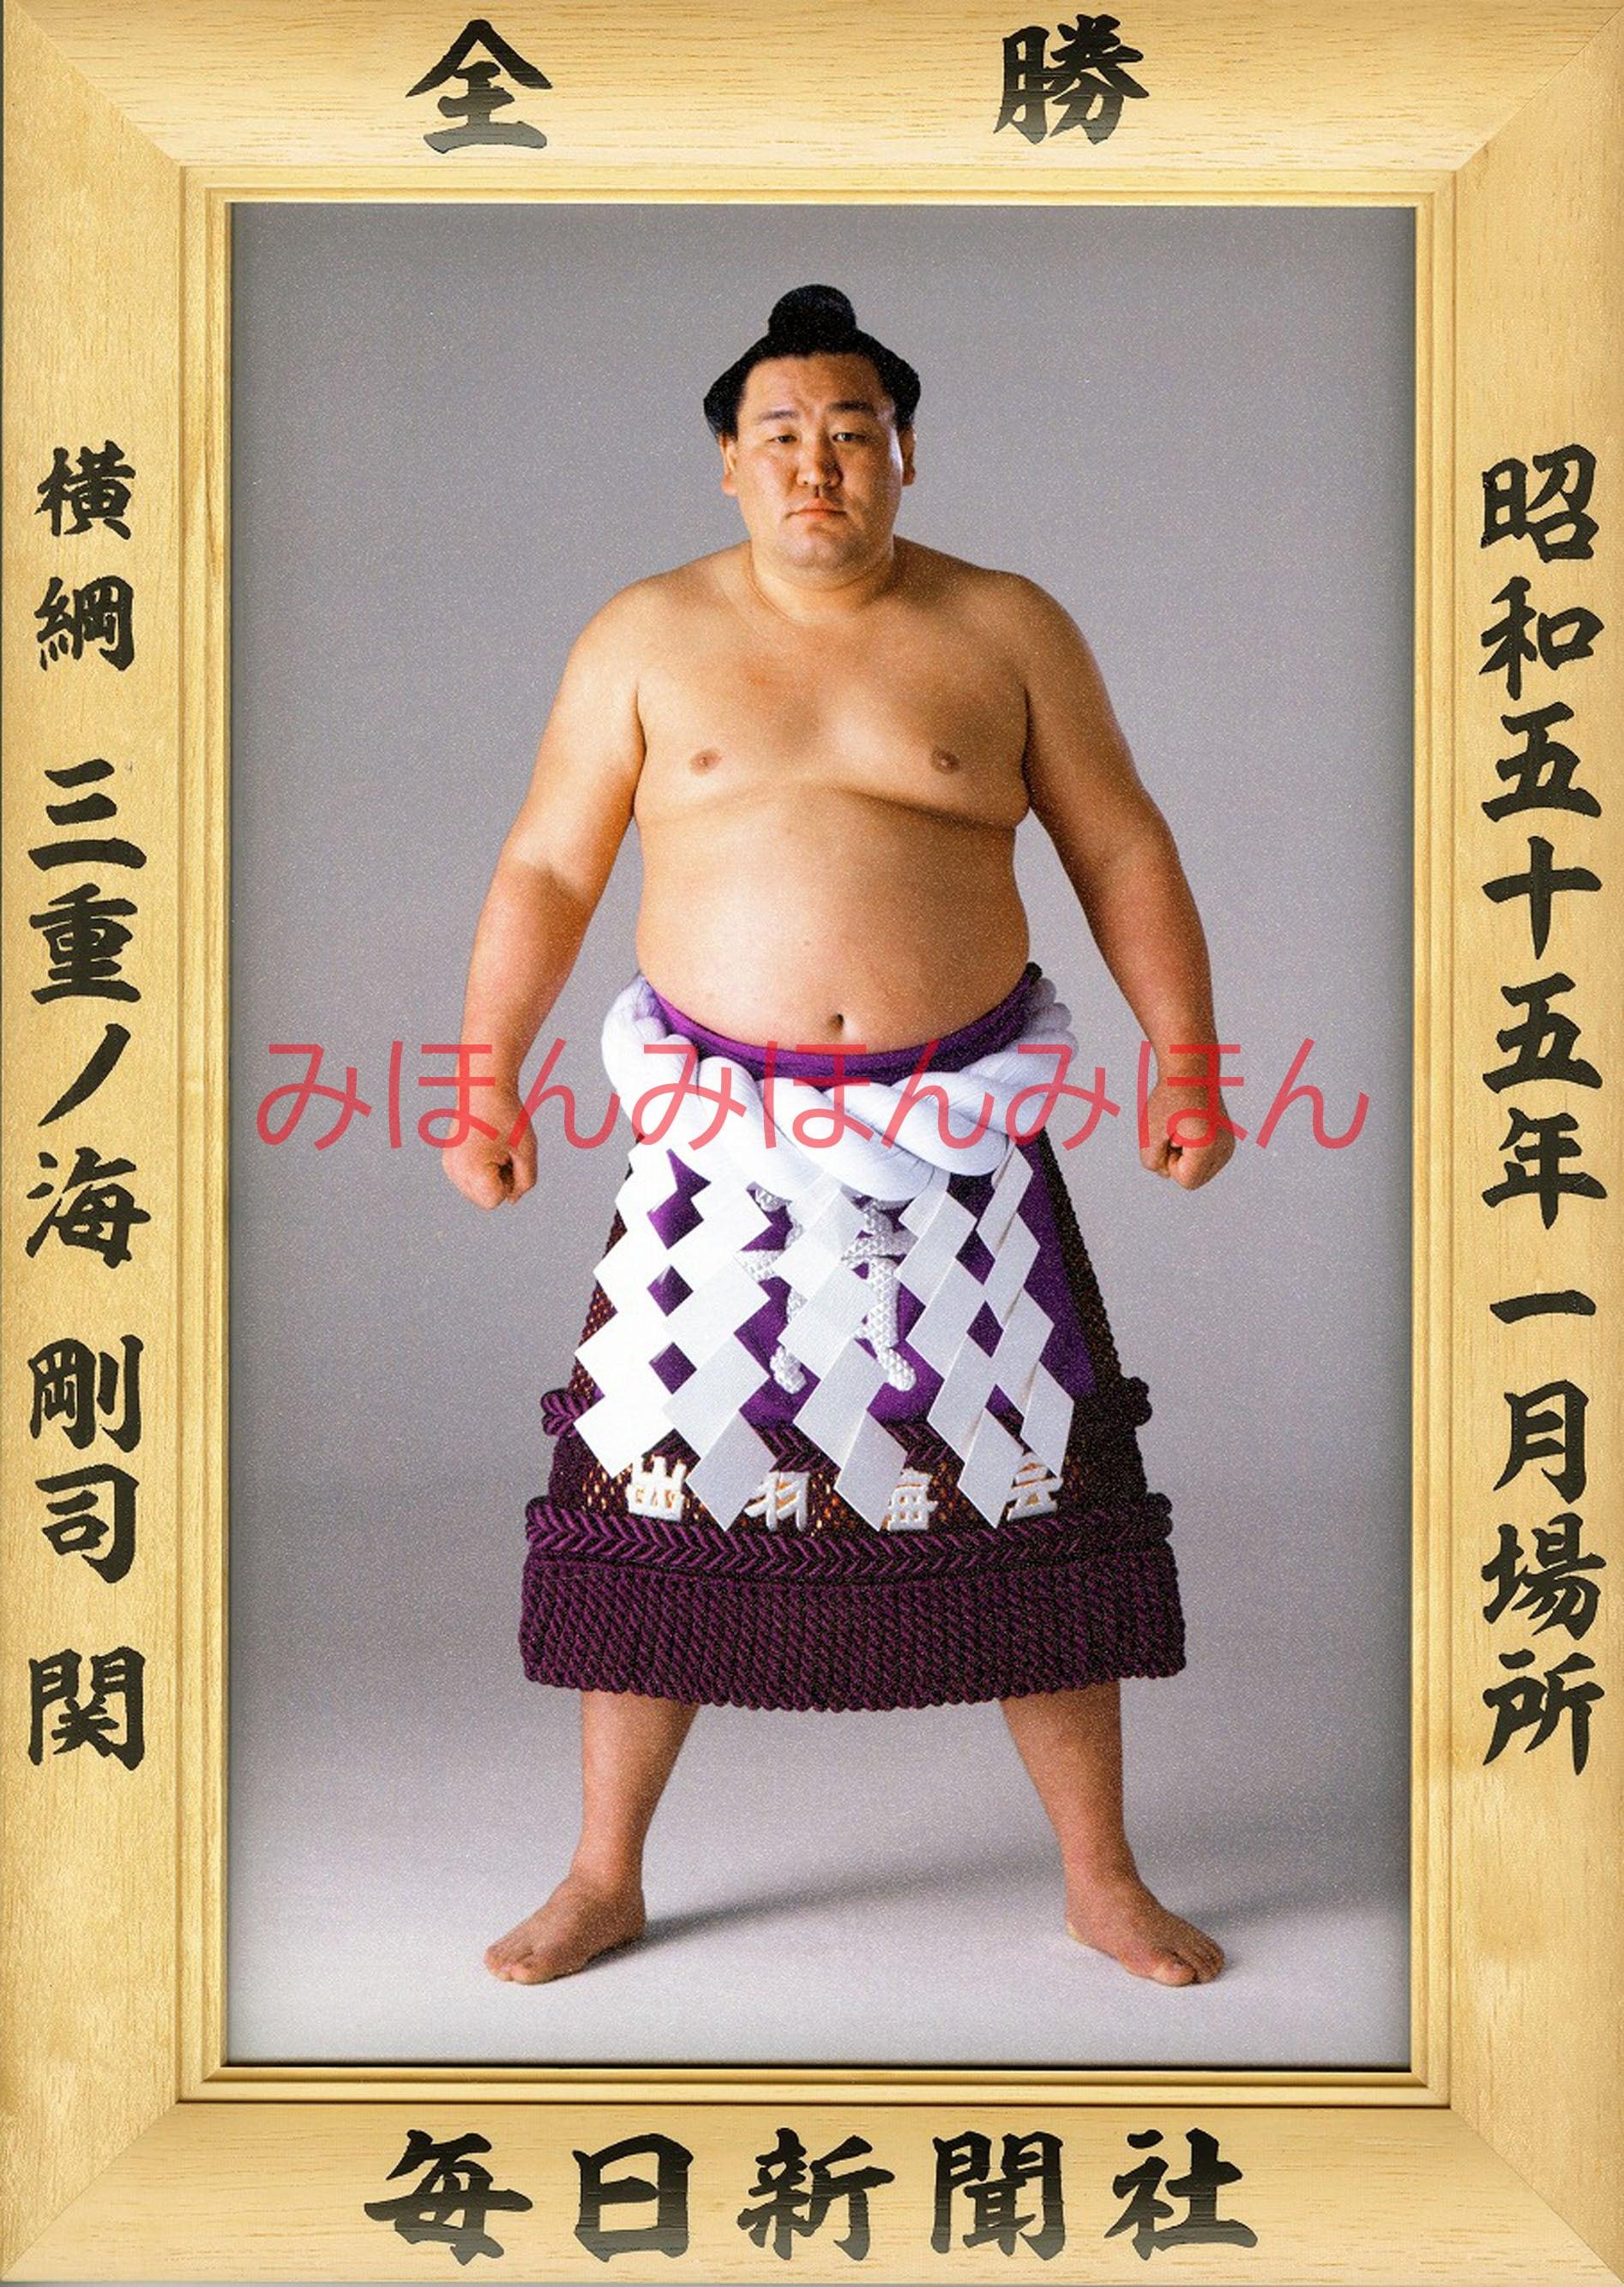 昭和55年1月場所全勝 横綱 三重ノ海剛司関(3回目の優勝)